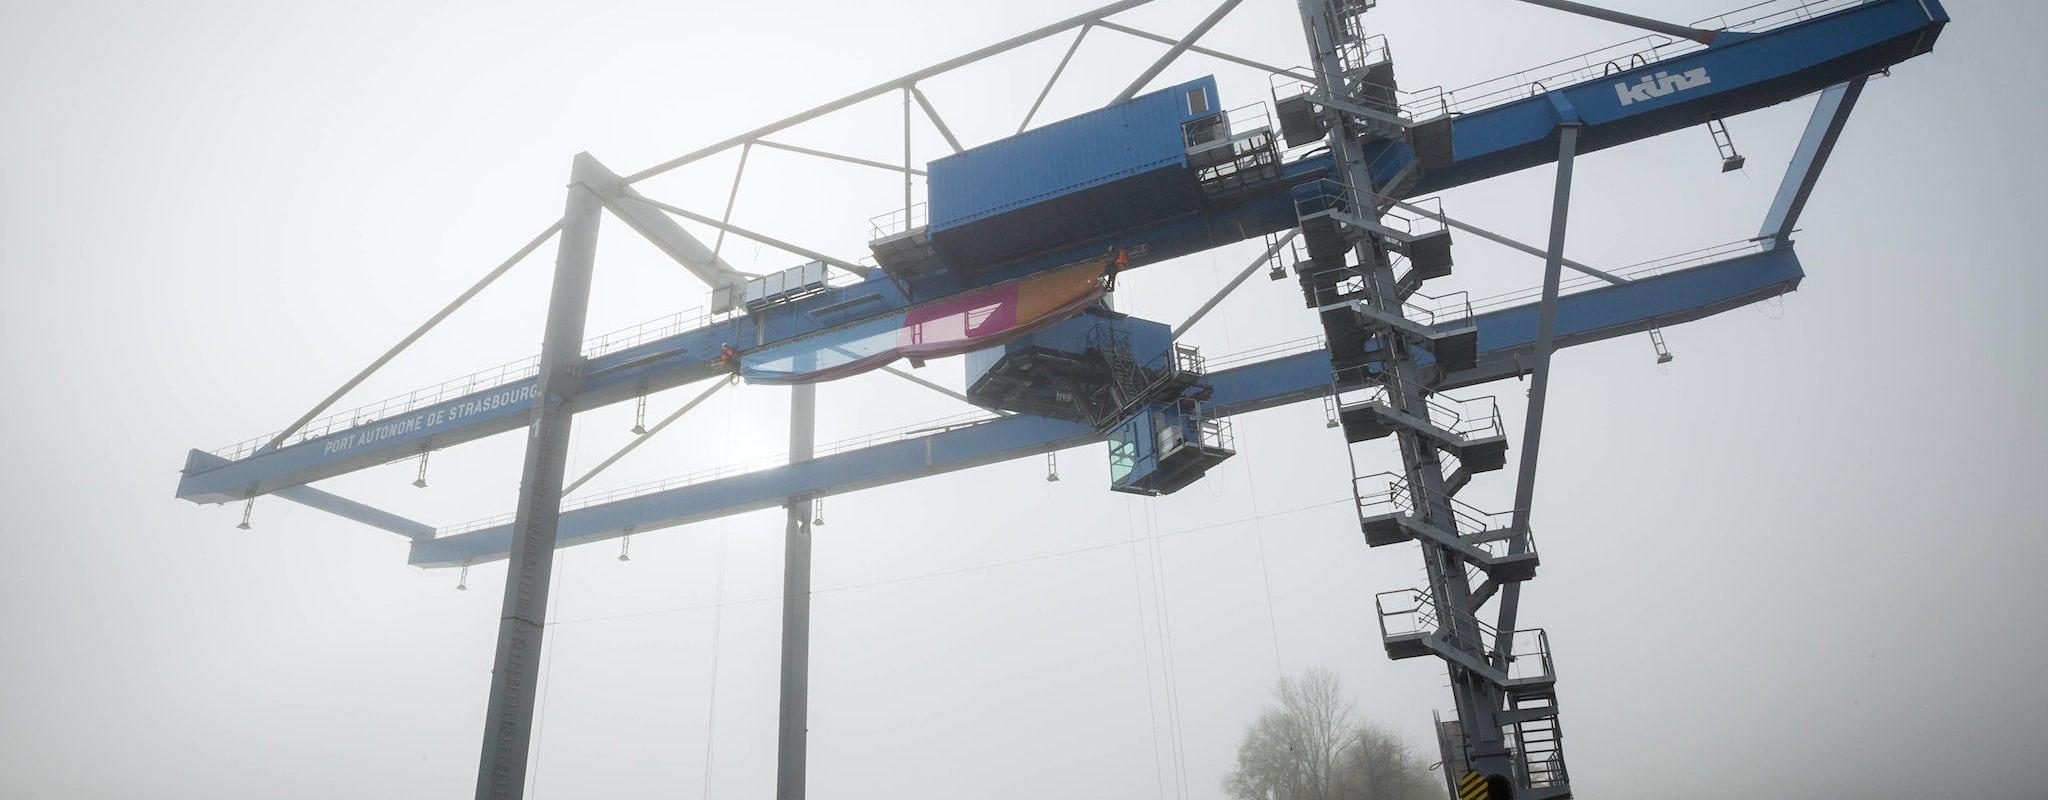 Un tout nouveau terminal portuaire à Lauterbourg, mais pour quoi faire?